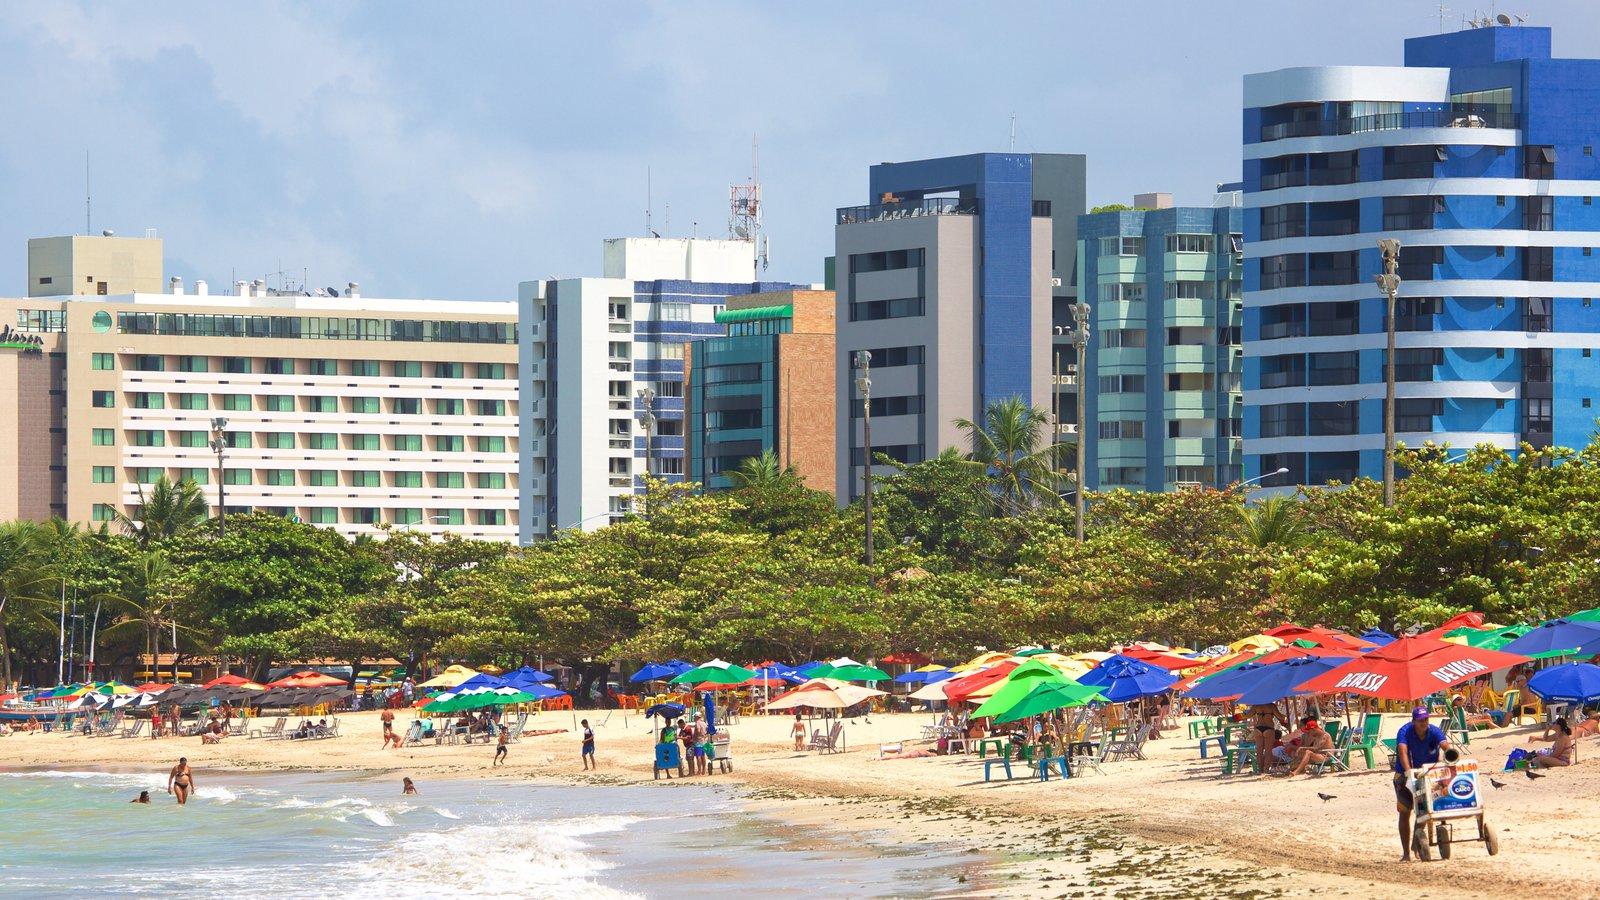 Praia de Pajuçara mostrando uma praia de areia, uma cidade litorânea e paisagens litorâneas